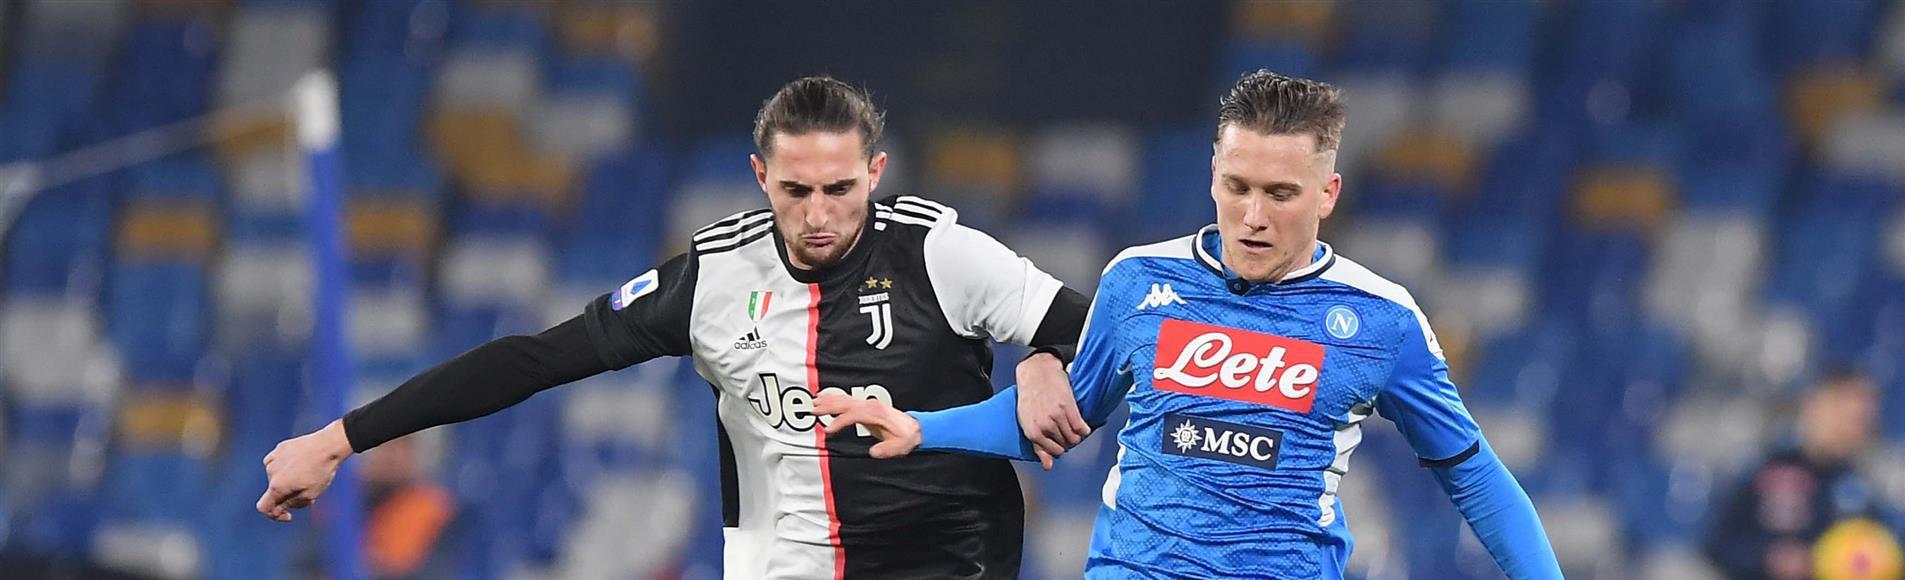 Decisa sede Juve-Napoli del 13 febbraio |  Sport e Vai